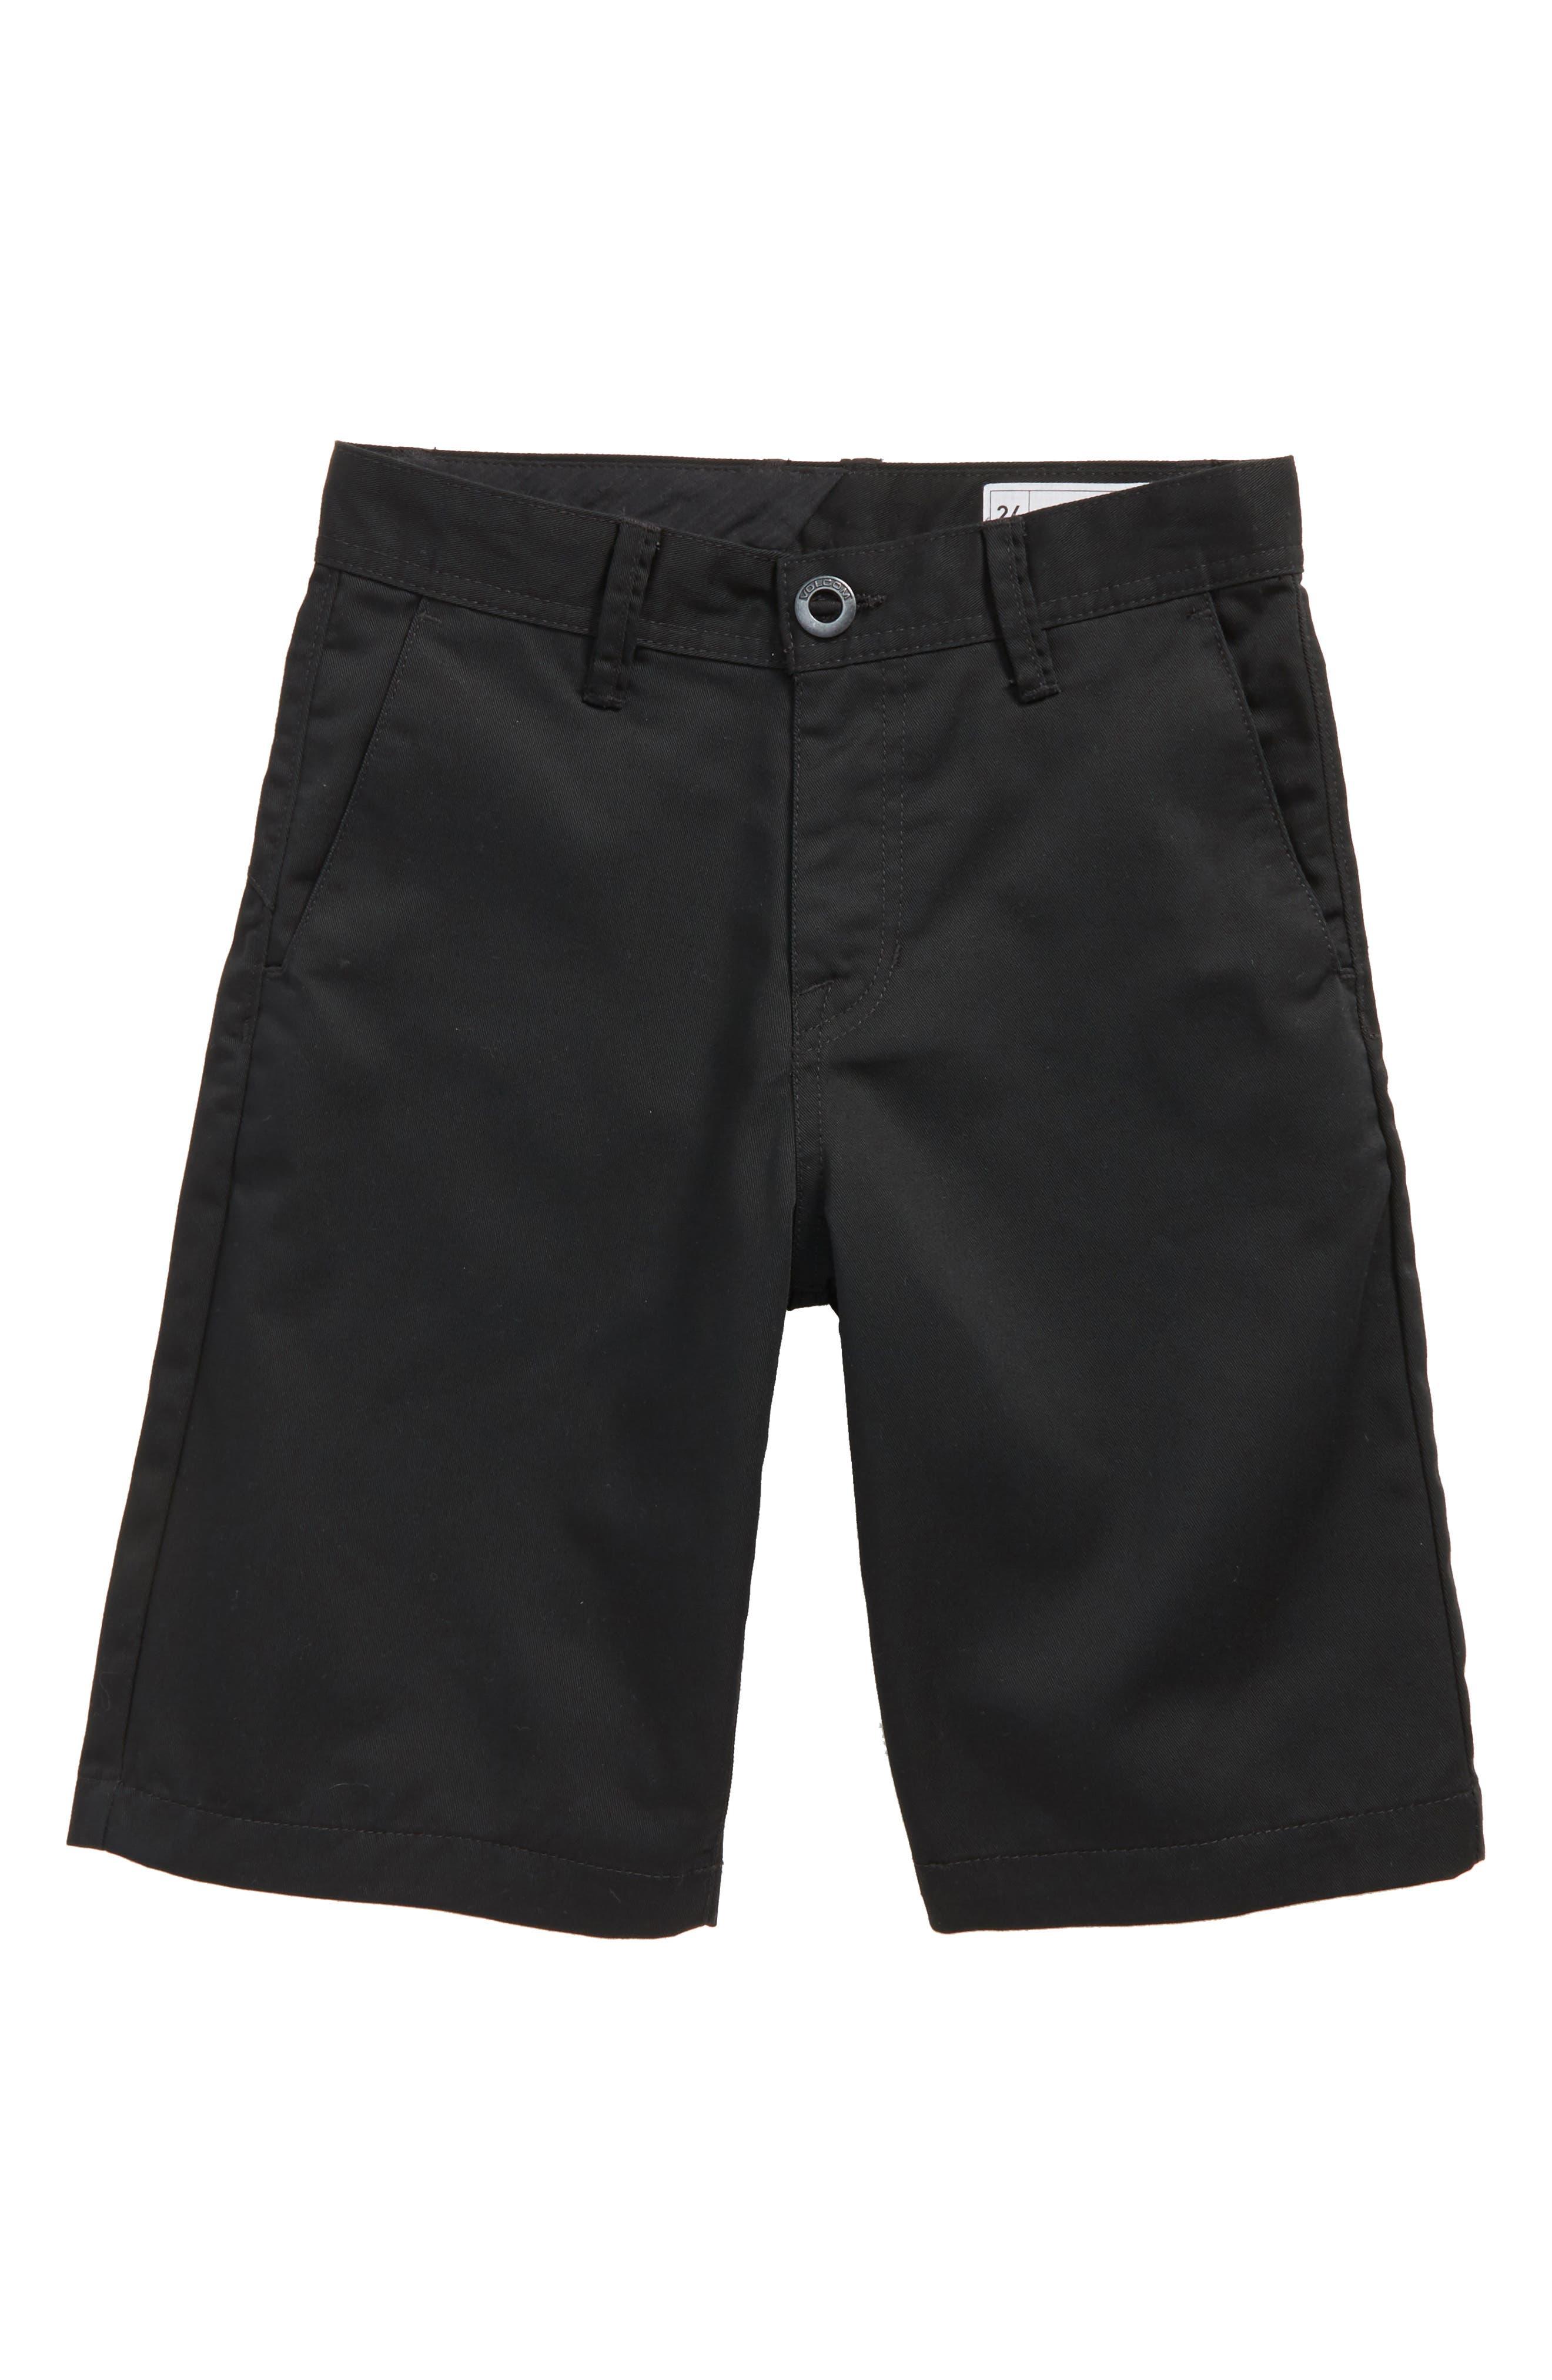 Chino Shorts,                         Main,                         color, Black